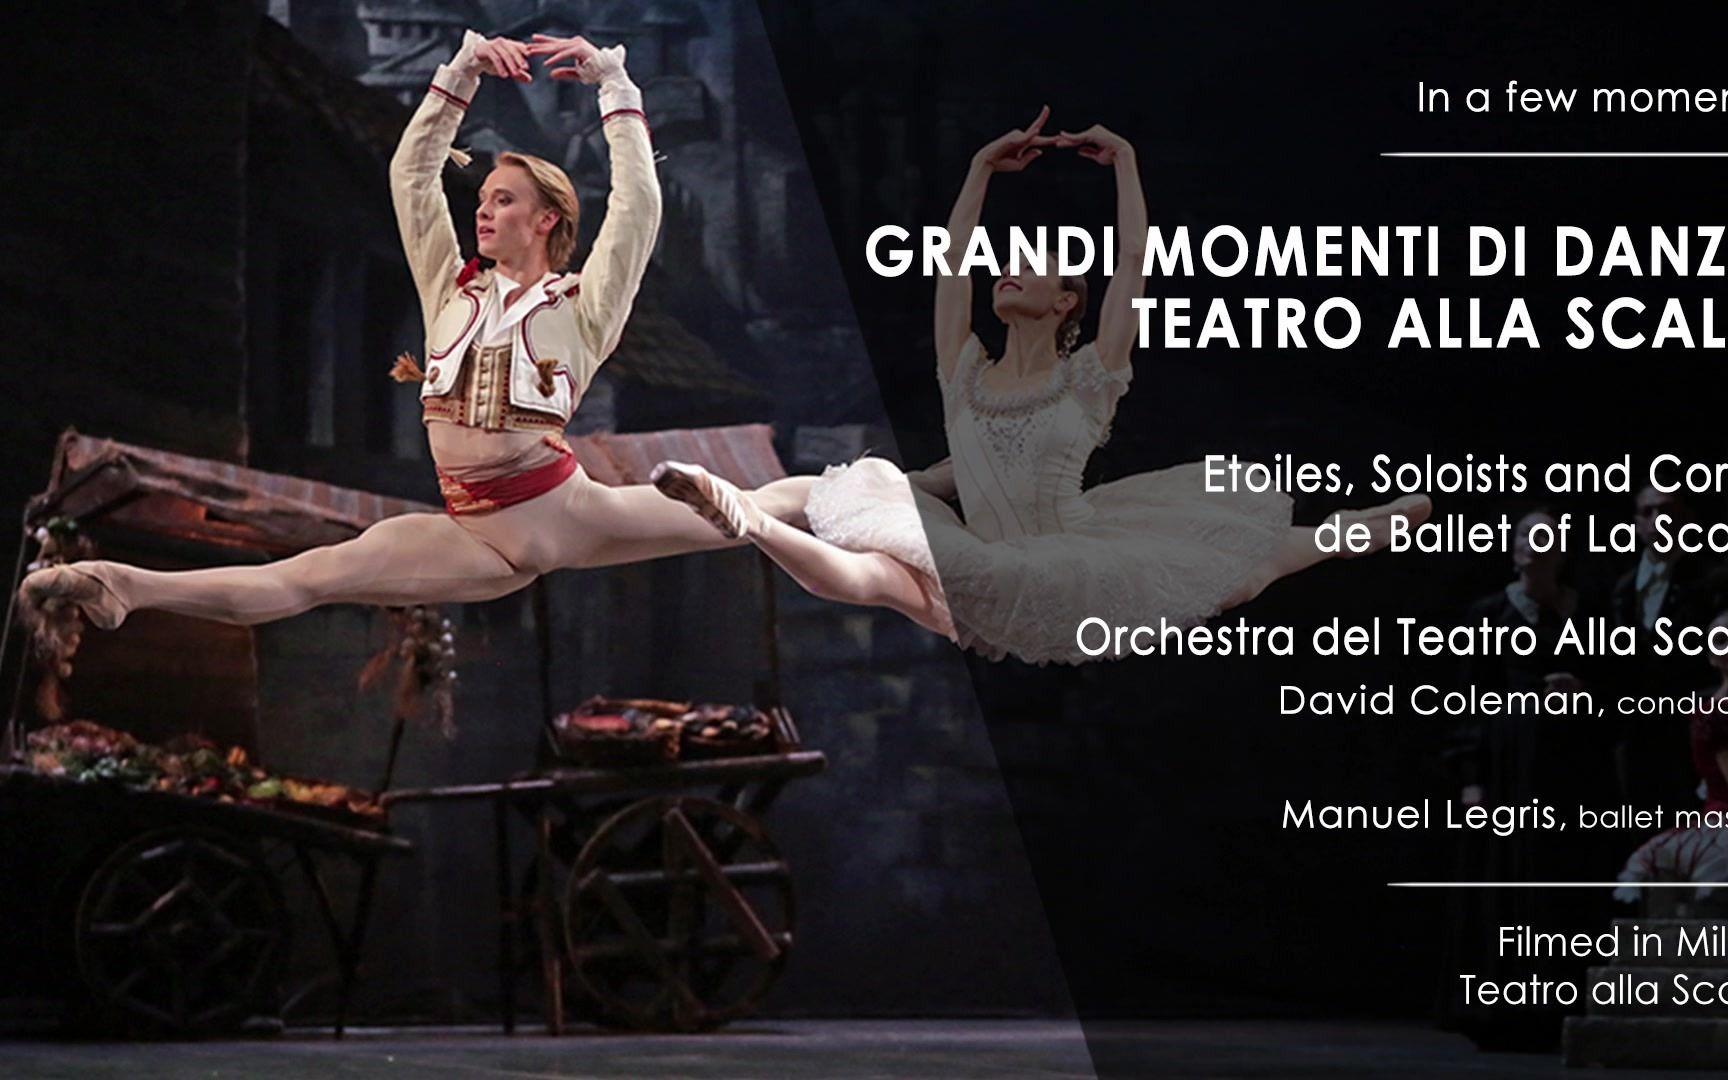 2020.12.25 意大利米兰斯卡拉剧院『精彩的舞蹈时刻』圣诞芭蕾舞晚会 Grandi momenti di danza Corps de Ballet